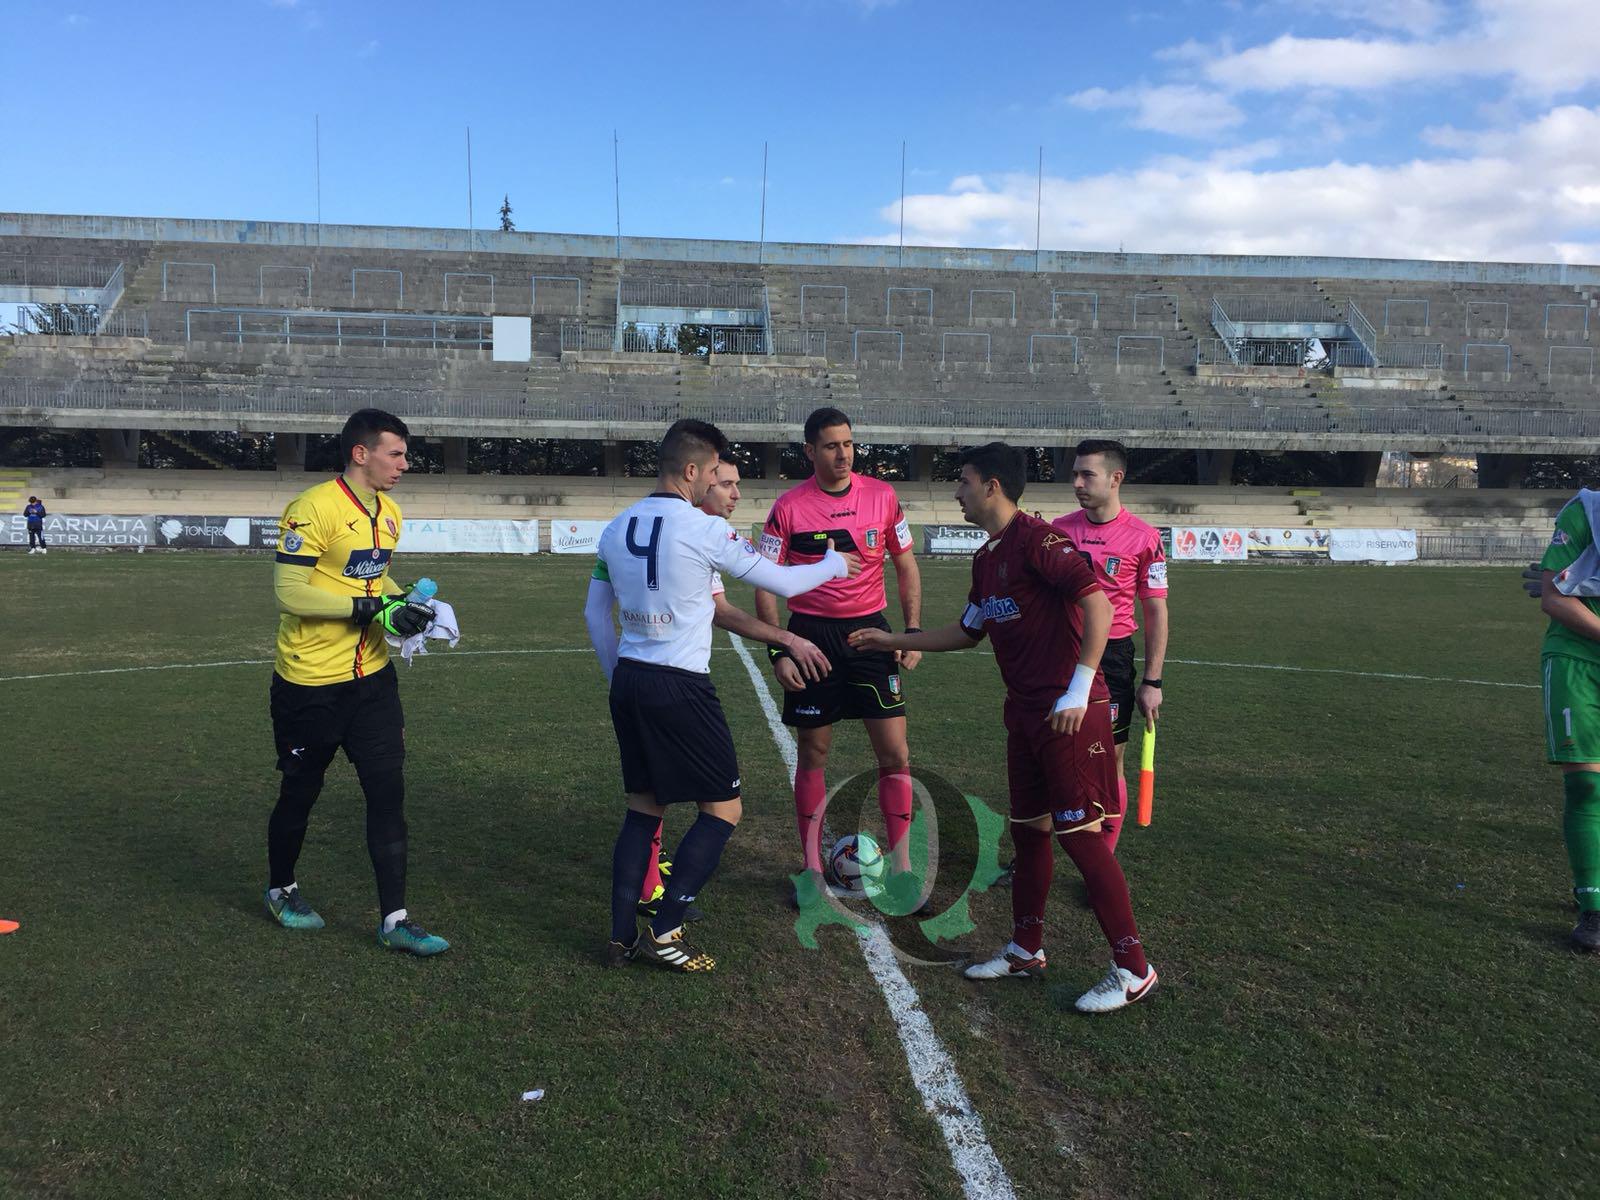 Serie D, finisce in parità un derby ad alta tensione: rissa nel finale